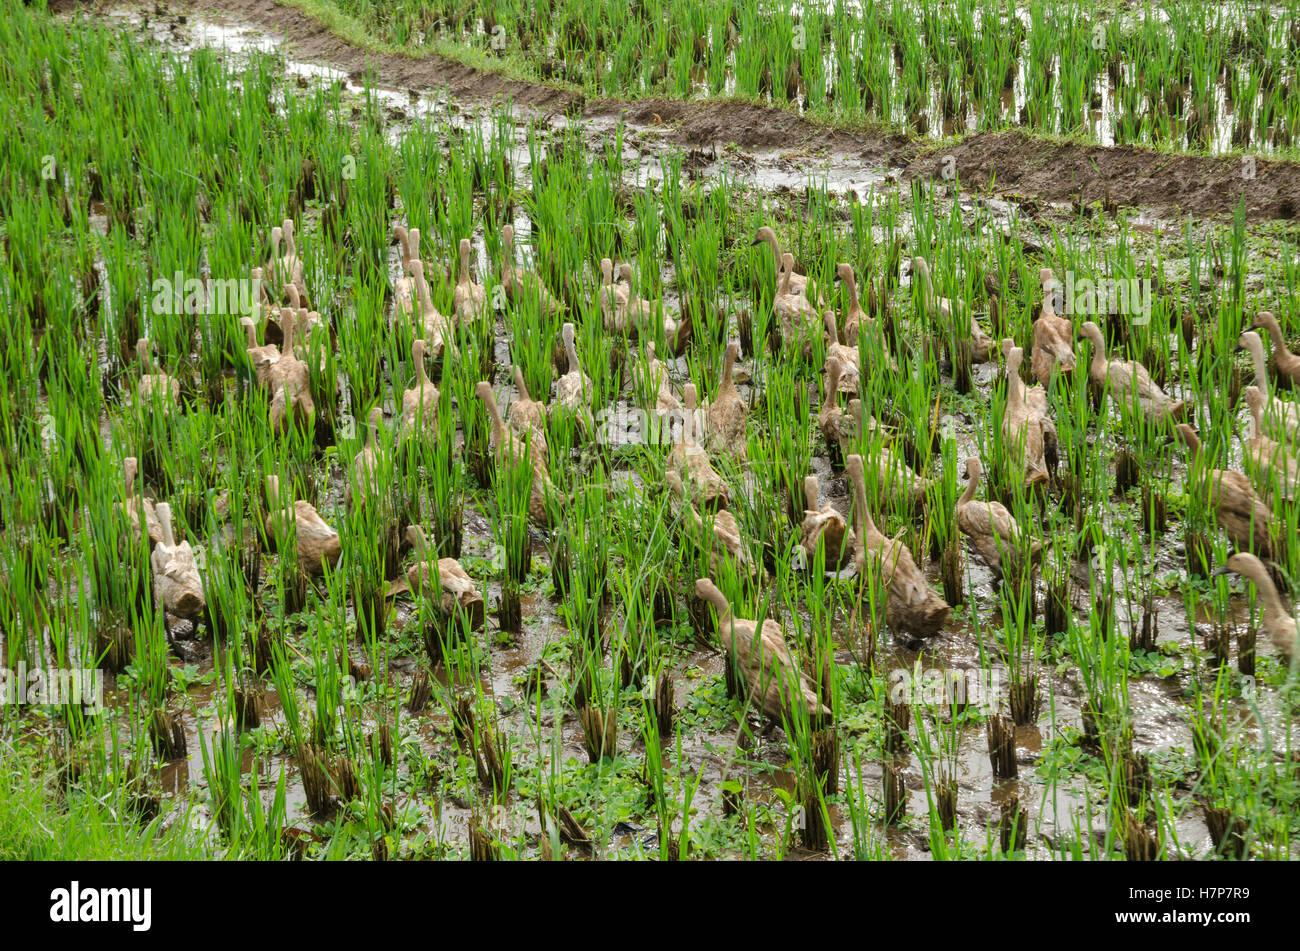 ducks wandering in the fields - Stock Image